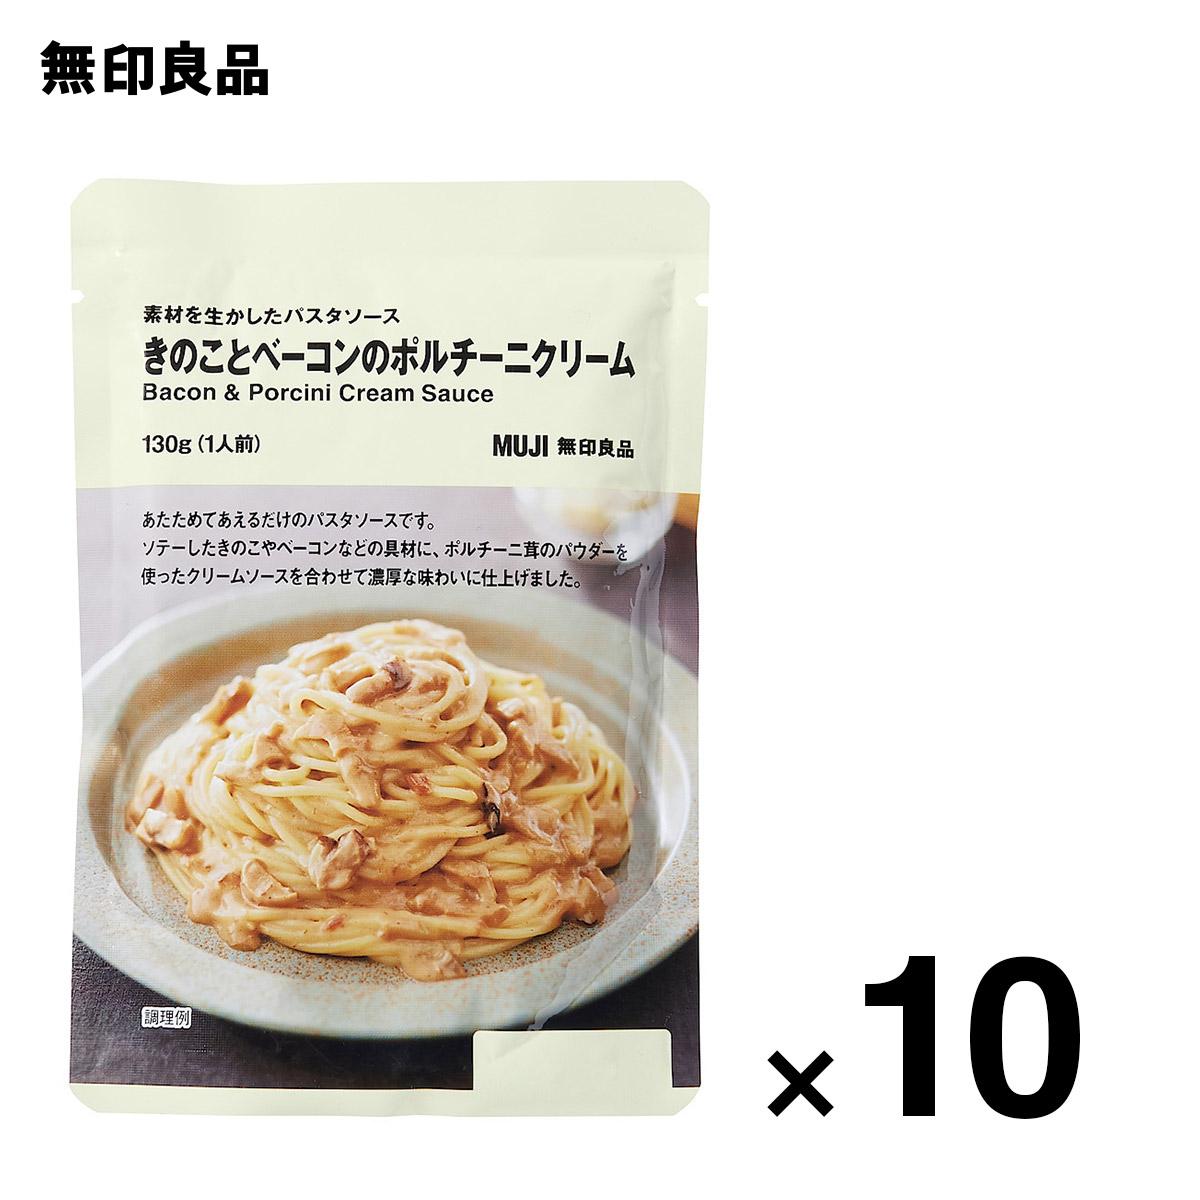 無印良品 公式 素材を生かしたパスタソース きのことベーコンのポルチーニクリーム 1人前 激安☆超特価 10個セット 10%OFF 130g